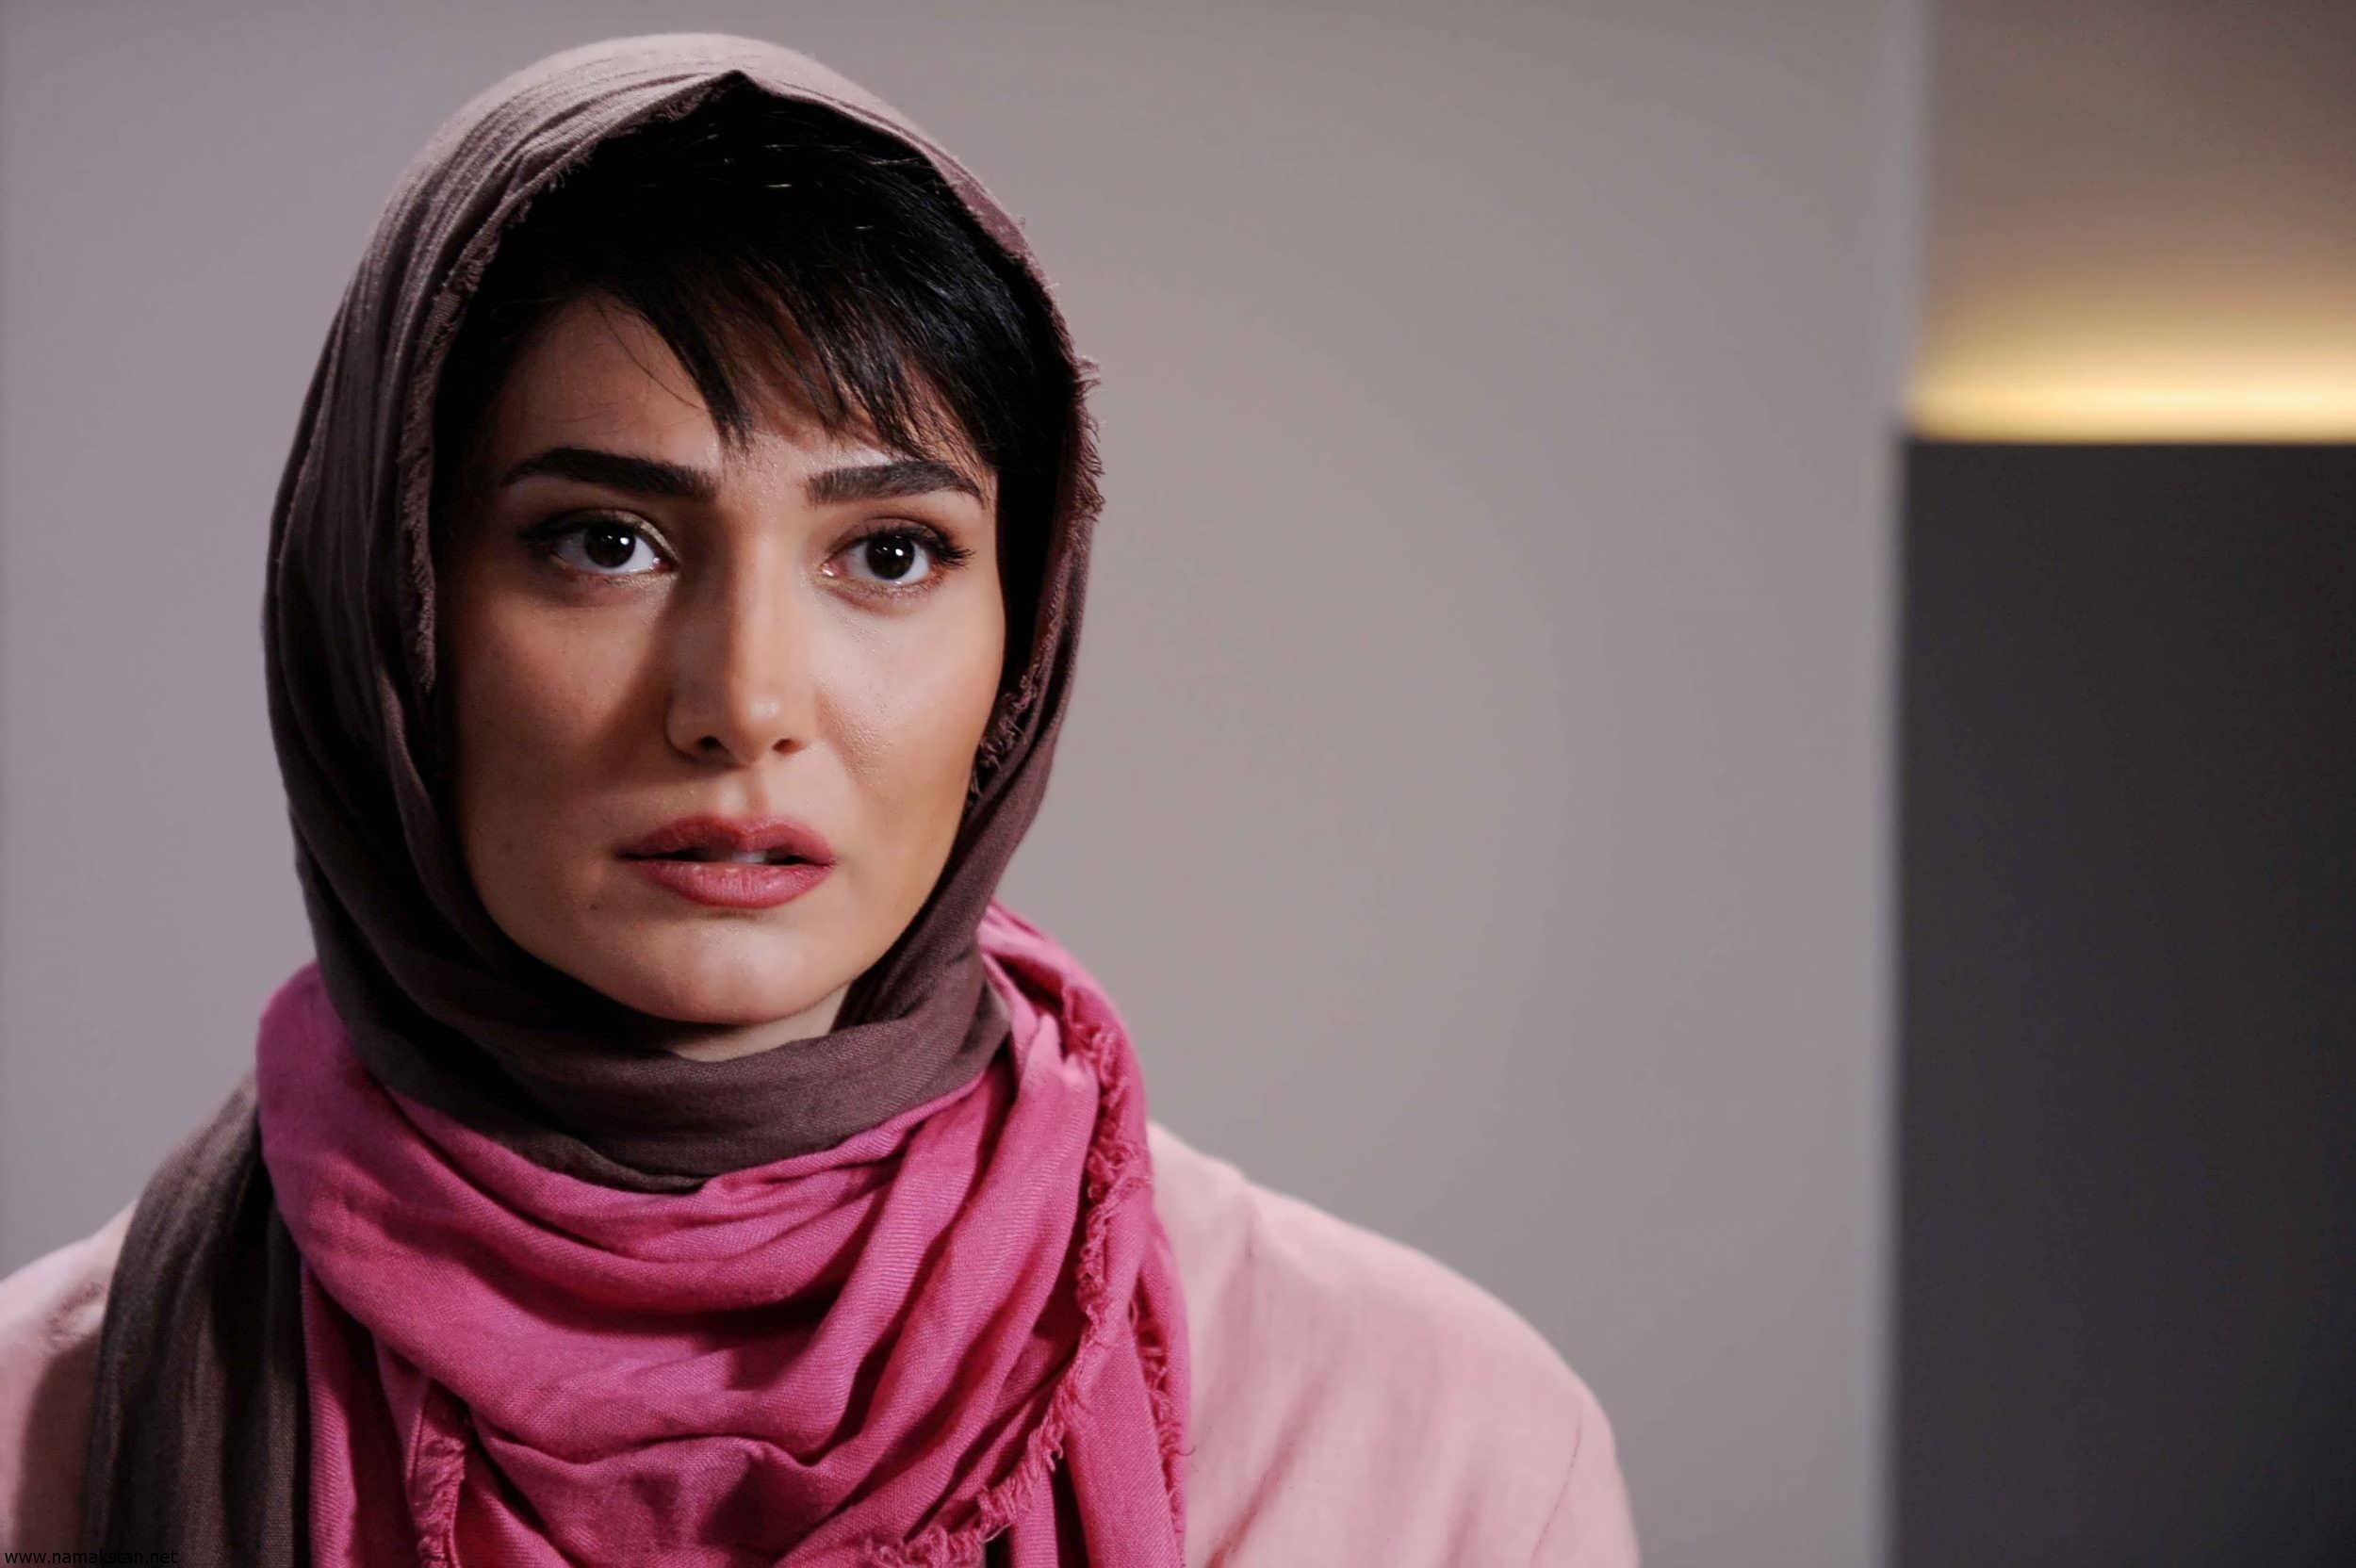 مینا وحید بازیگر نقش جواهر در سریال بانوی عمارت